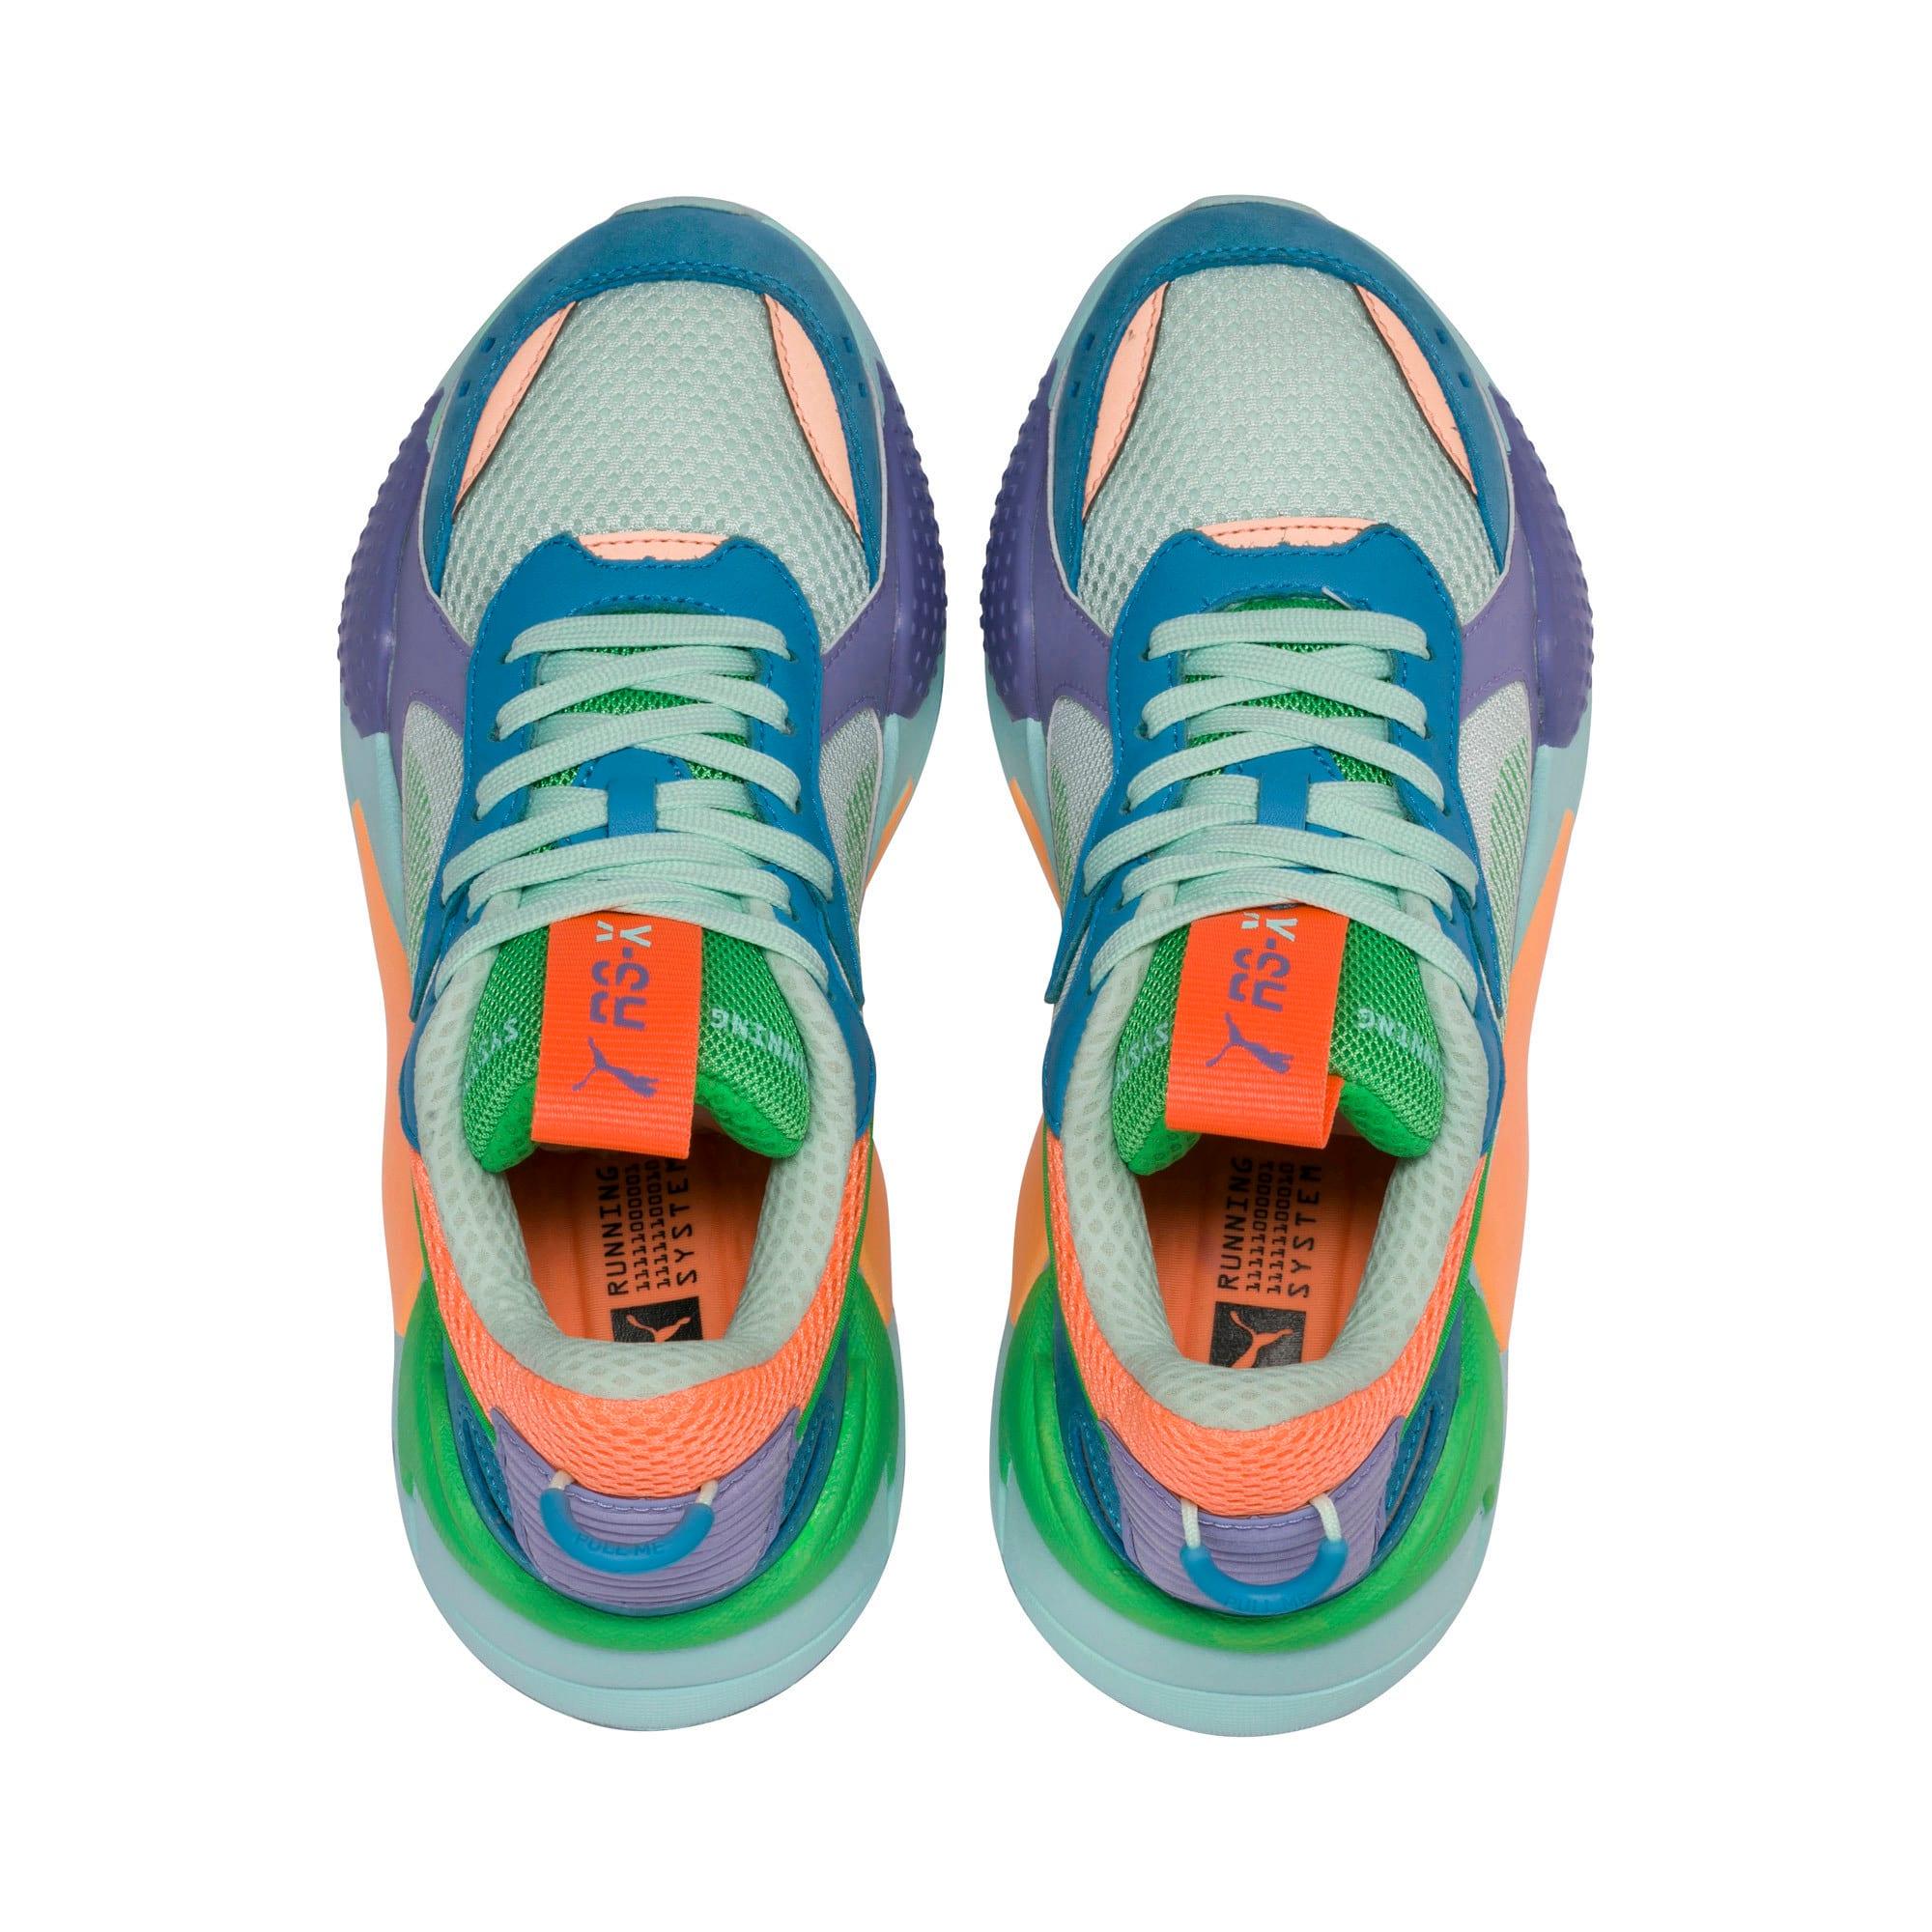 Puma Basket Rs X Toys 369449 02 Bleu 42 pas cher